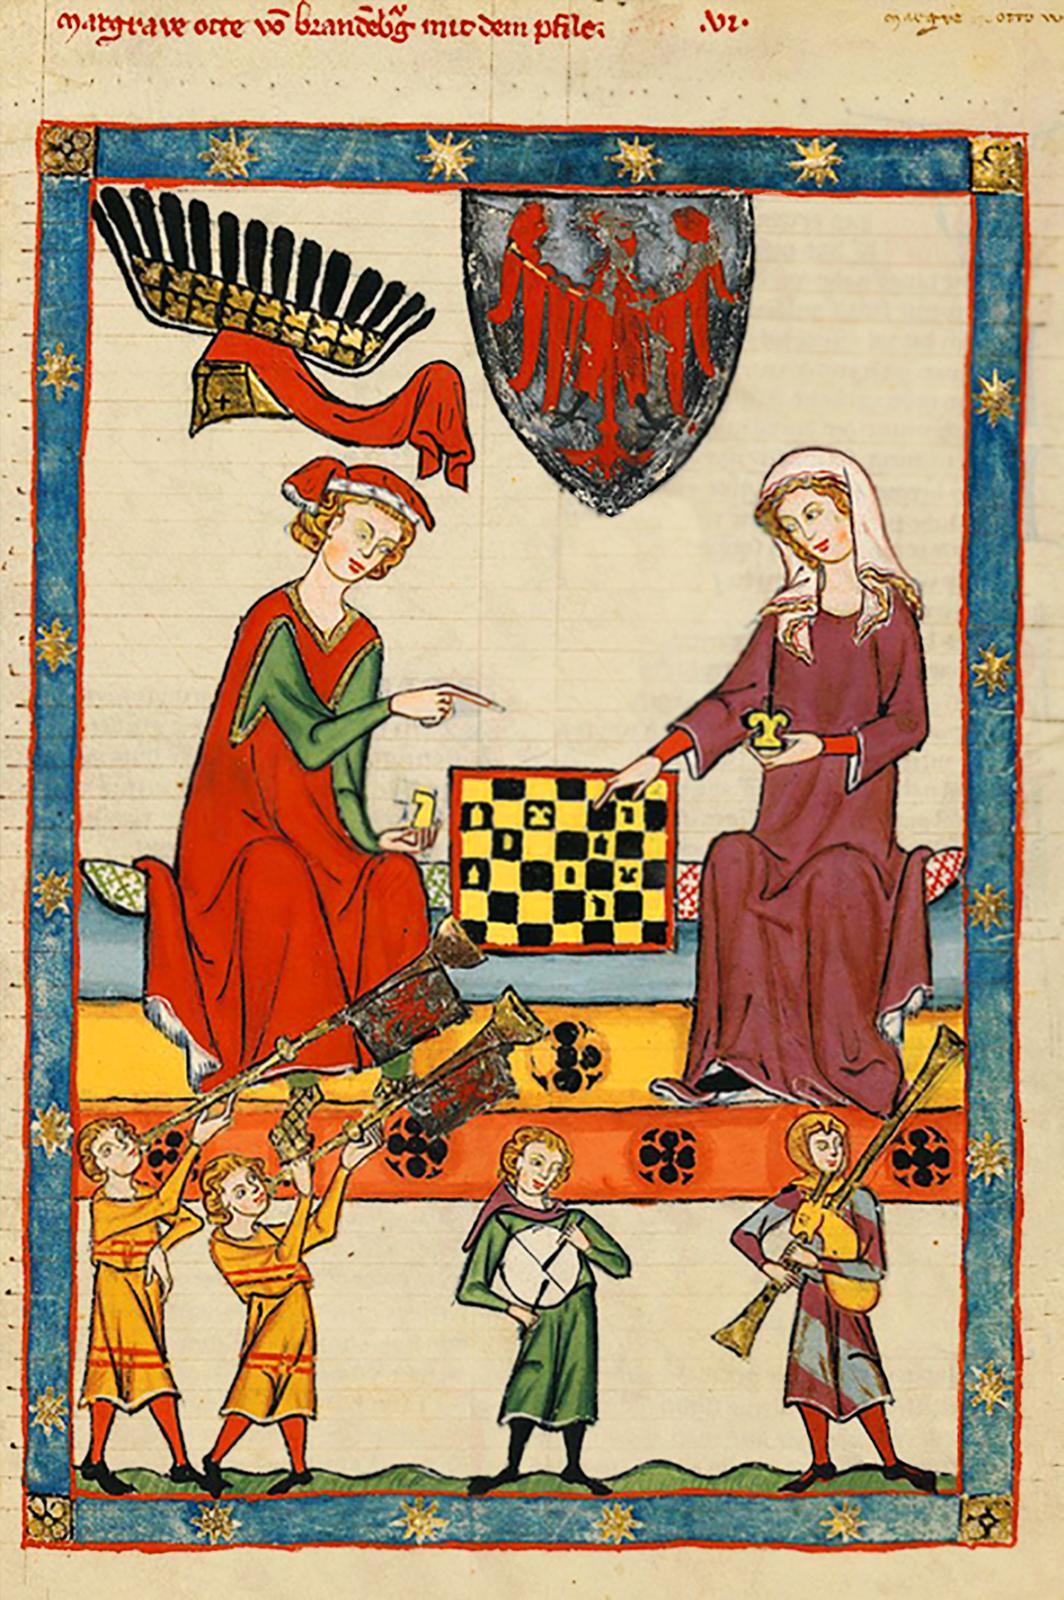 Rycerz idama grający wszachy Rycerz idama grający wszachy Źródło: Kodeks Manesse, około 1320 roku, miniatura, domena publiczna.